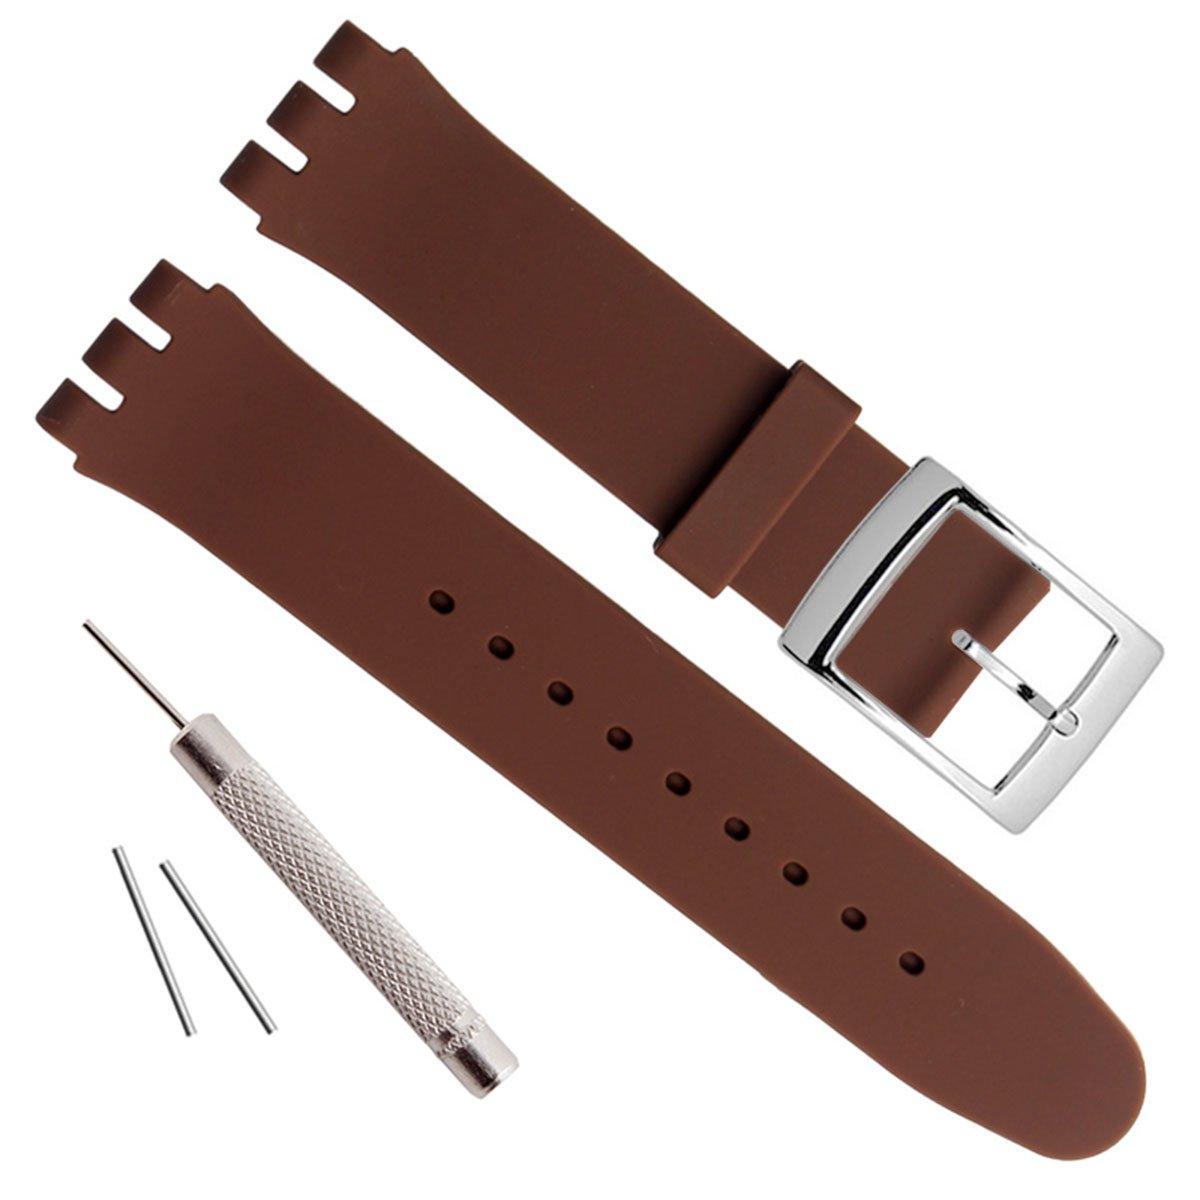 シルバーメッキステンレススチールバックル防水シリコンラバー腕時計ストラップ時計バンド 17mm ブラウン 17mm ブラウン ブラウン 17mm B0777HDXW4